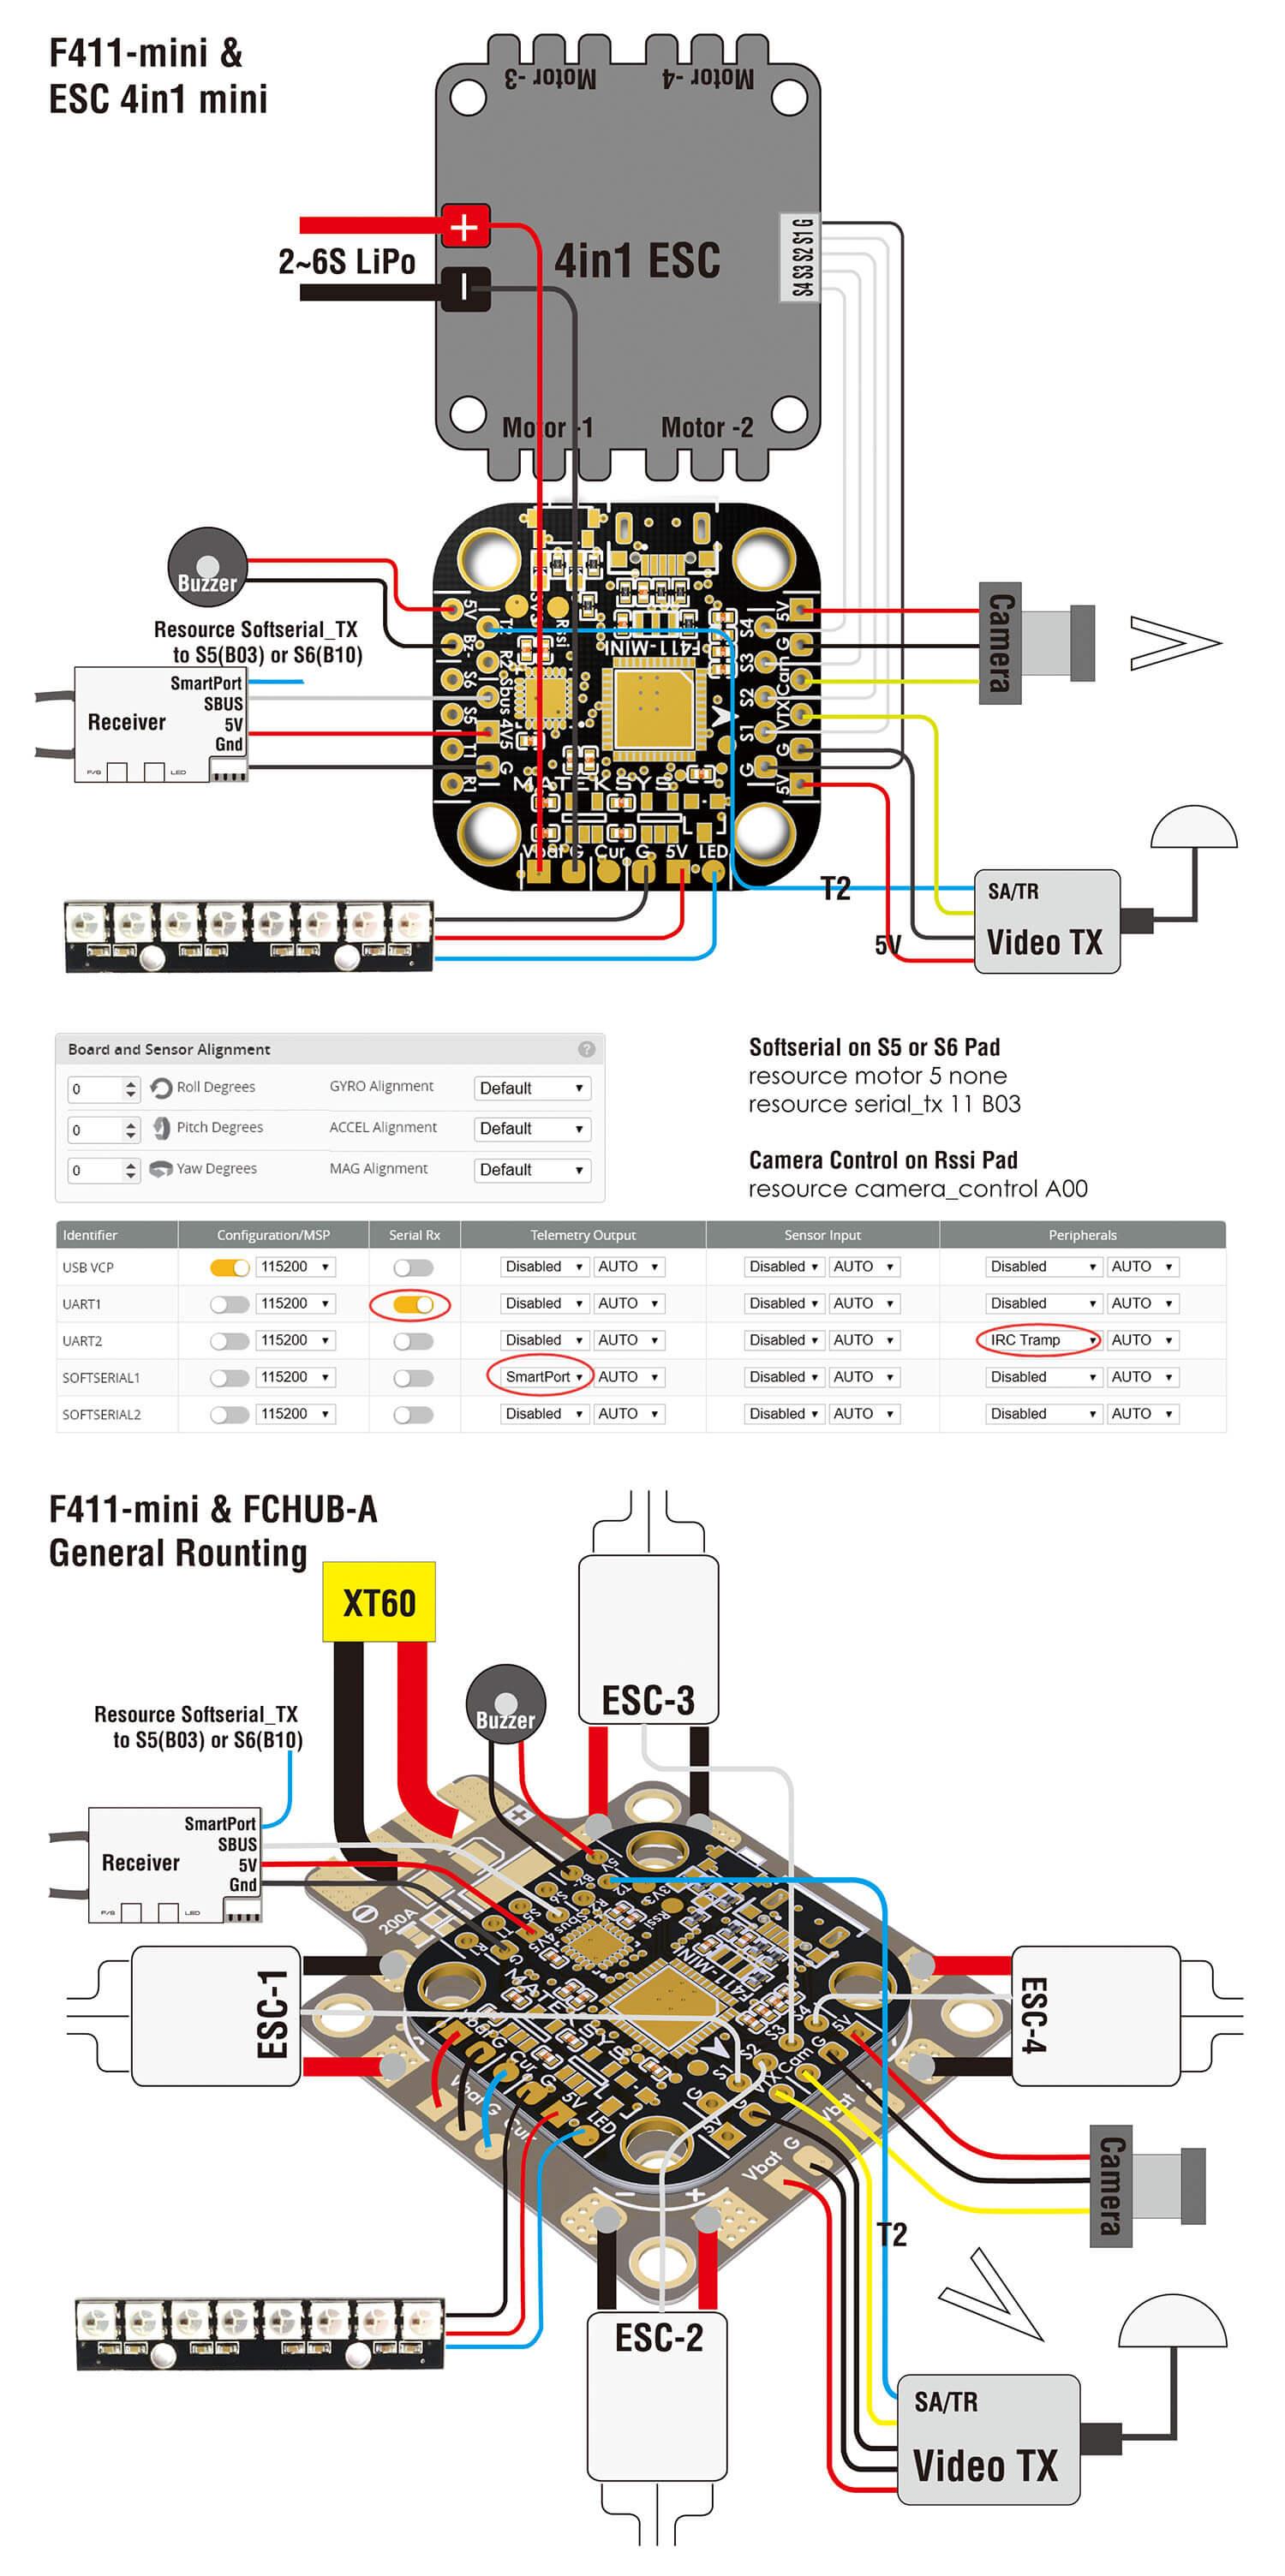 Instrukcja obsługi i podłączenia F411-mini